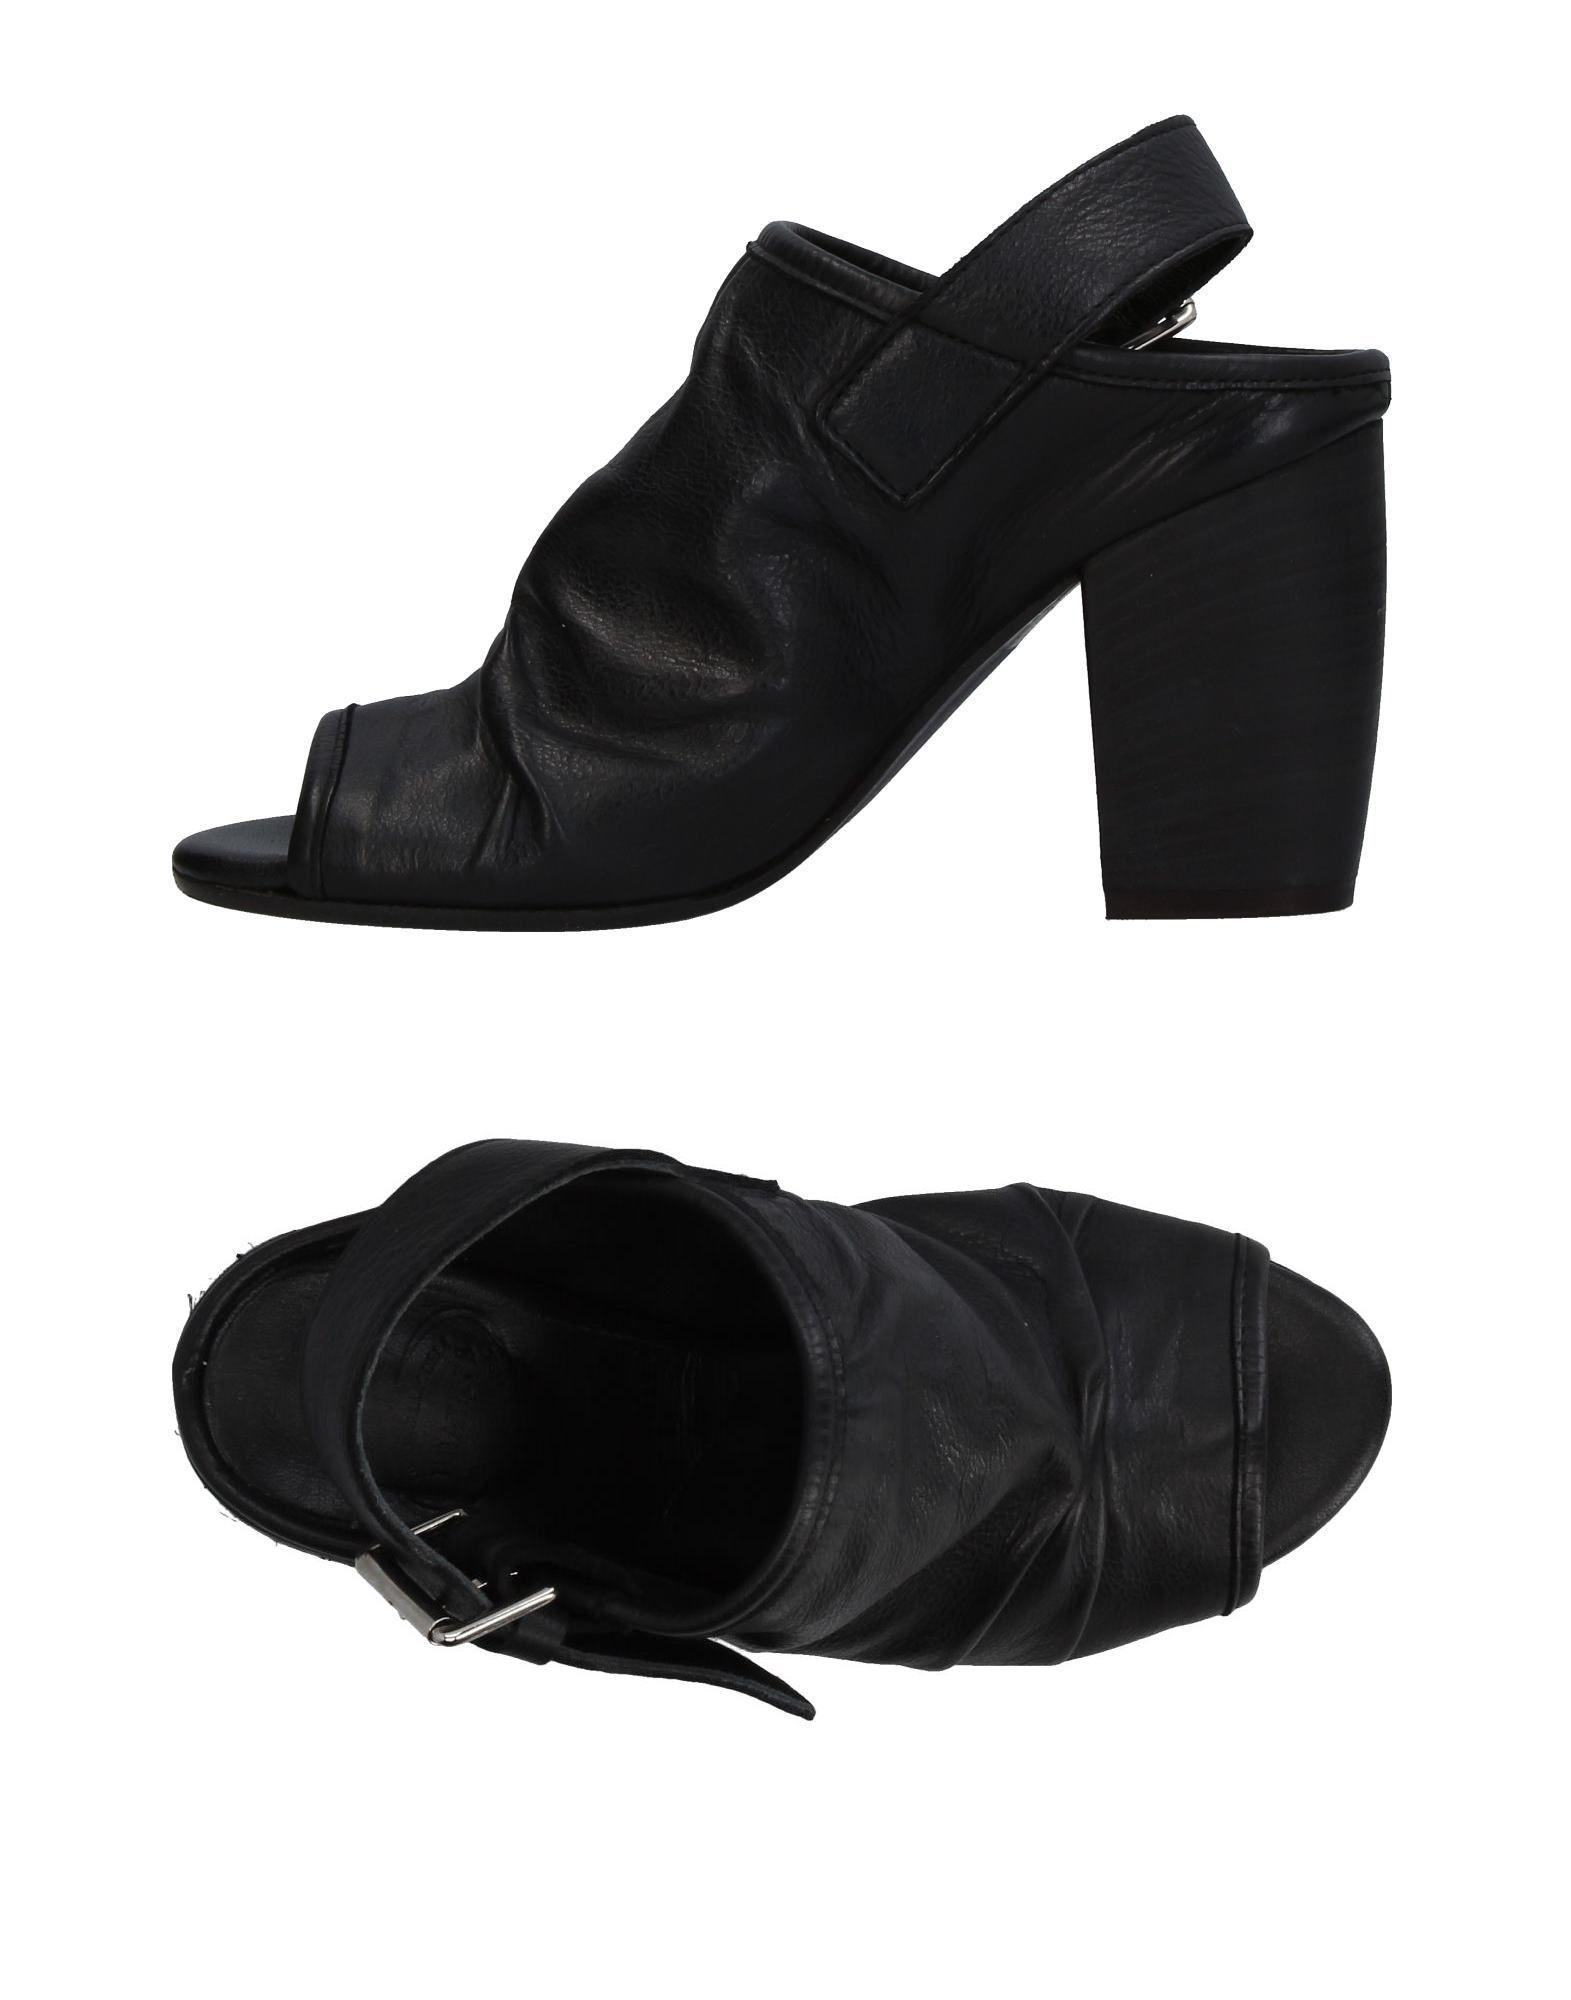 Brawn's Sandalen Damen  11411296VA Gute Qualität beliebte Schuhe